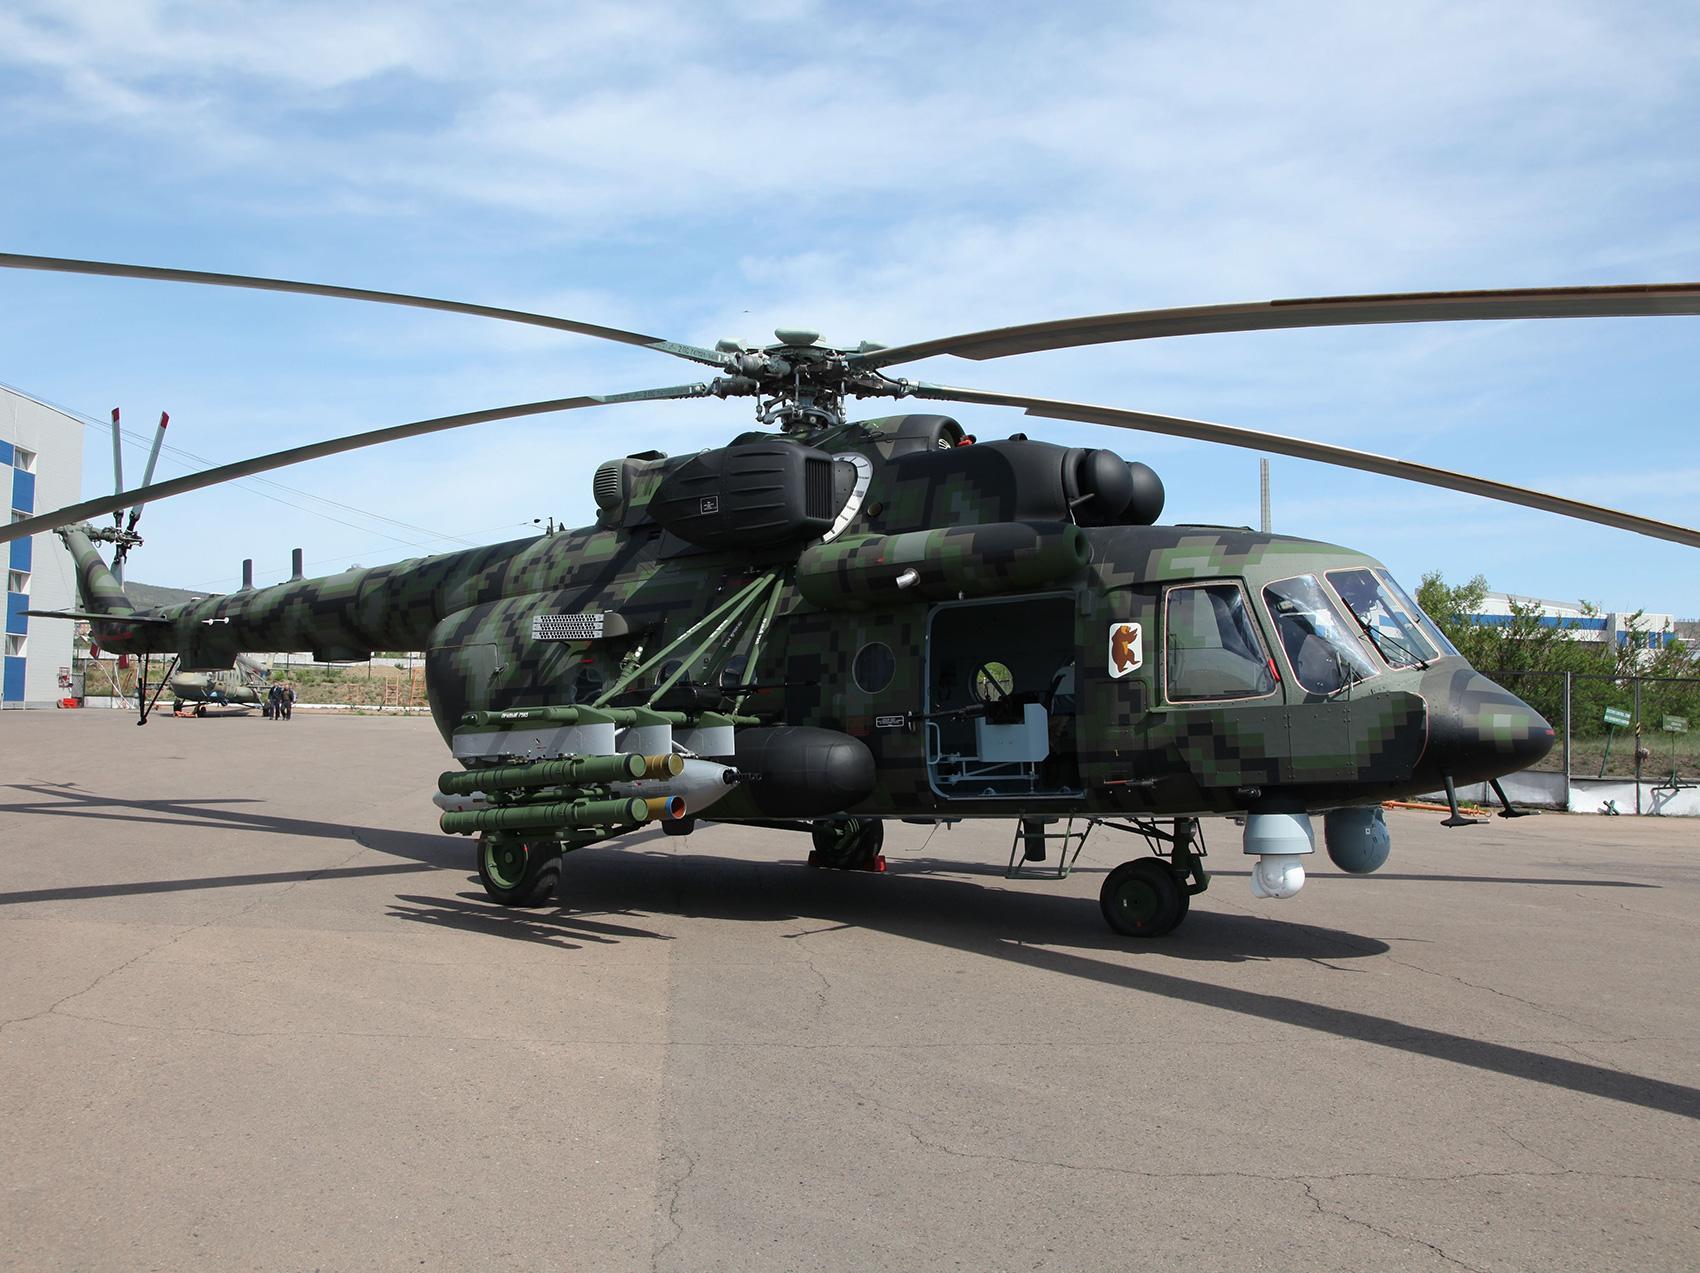 Модернизированный военно-транспортный вертолет Ми-171Ш-ВН.